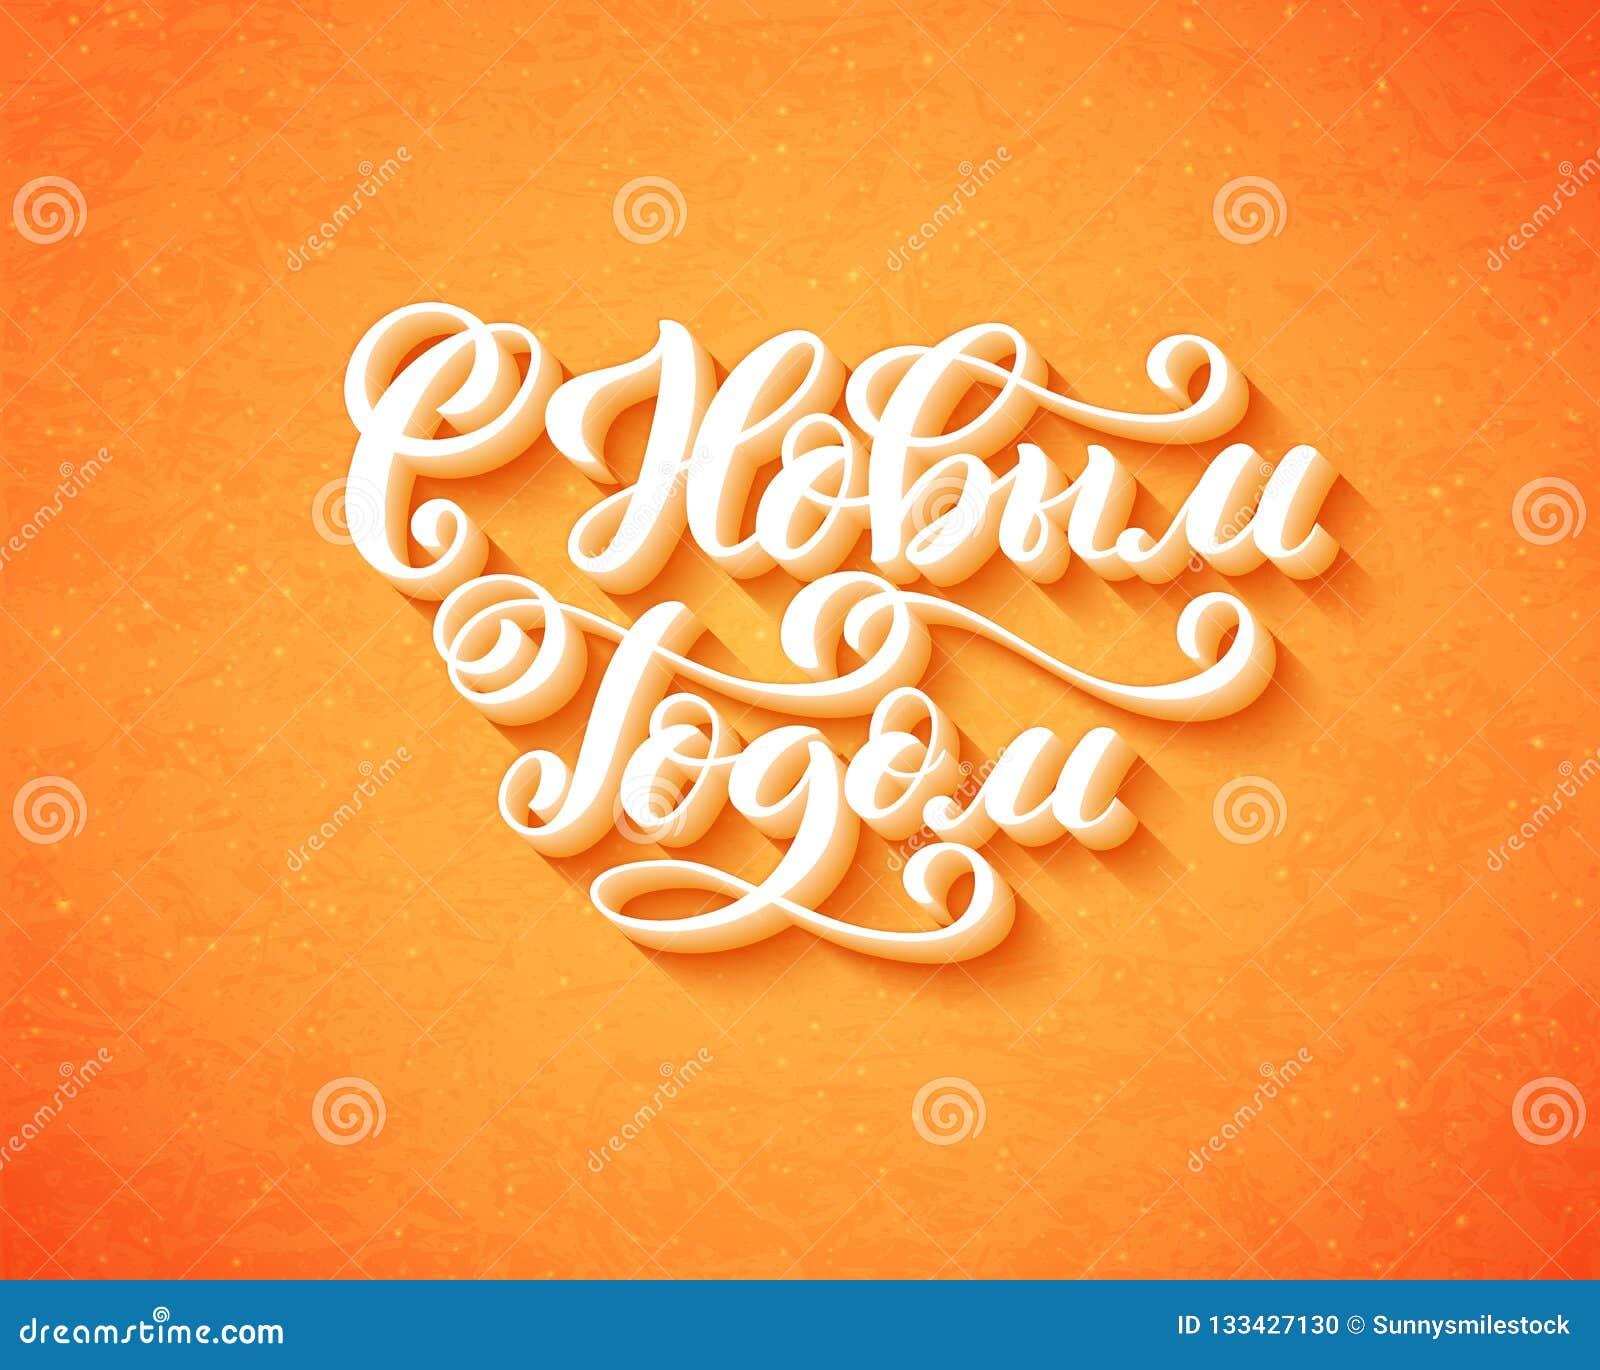 Schablone Frohe Weihnachten.Russischer Text Frohe Weihnachten Glückliches Neues Jahr Schablone